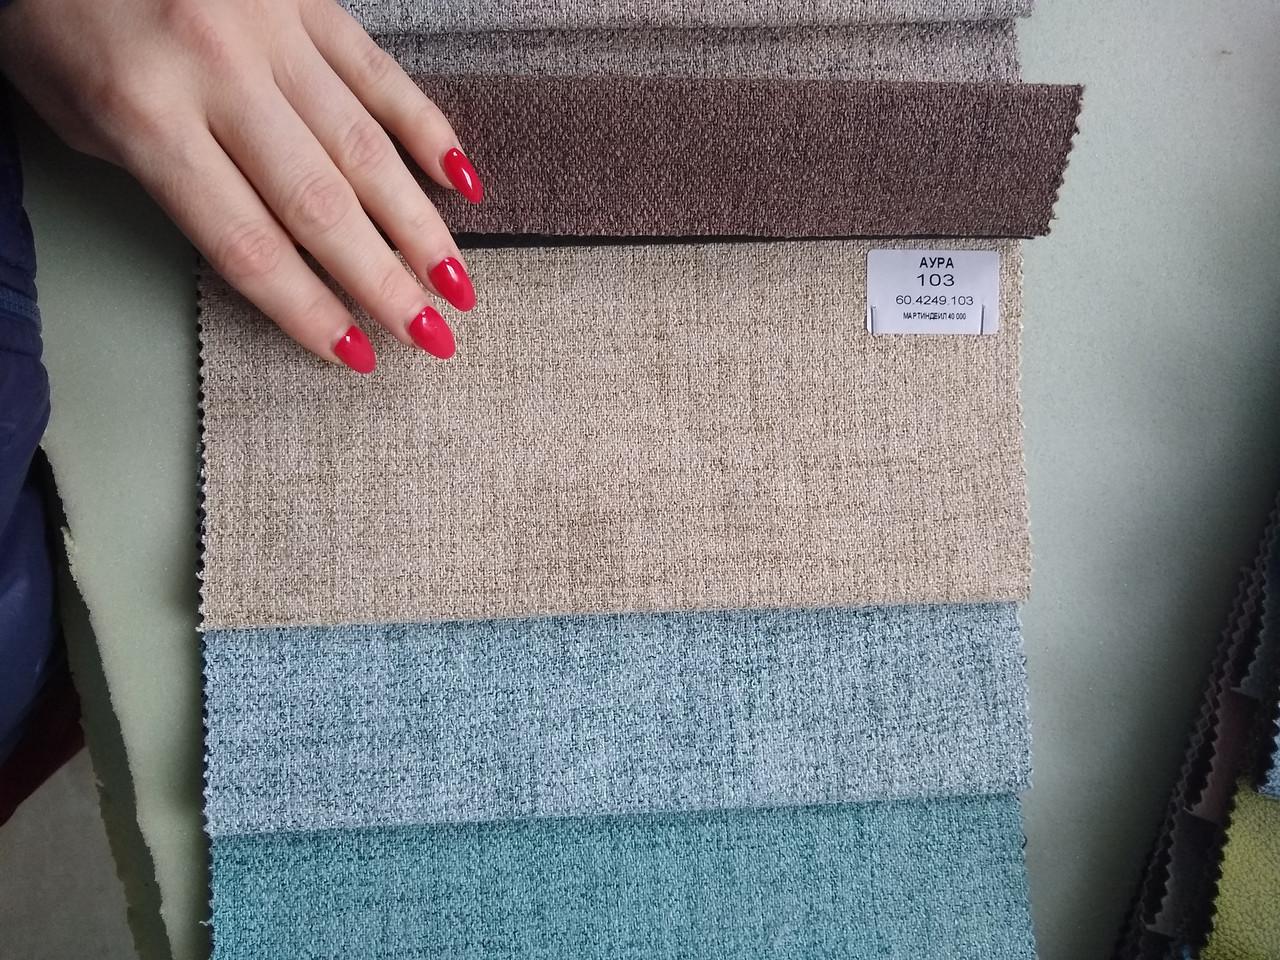 Обивка для дивана ткань рогожка АУРА 103